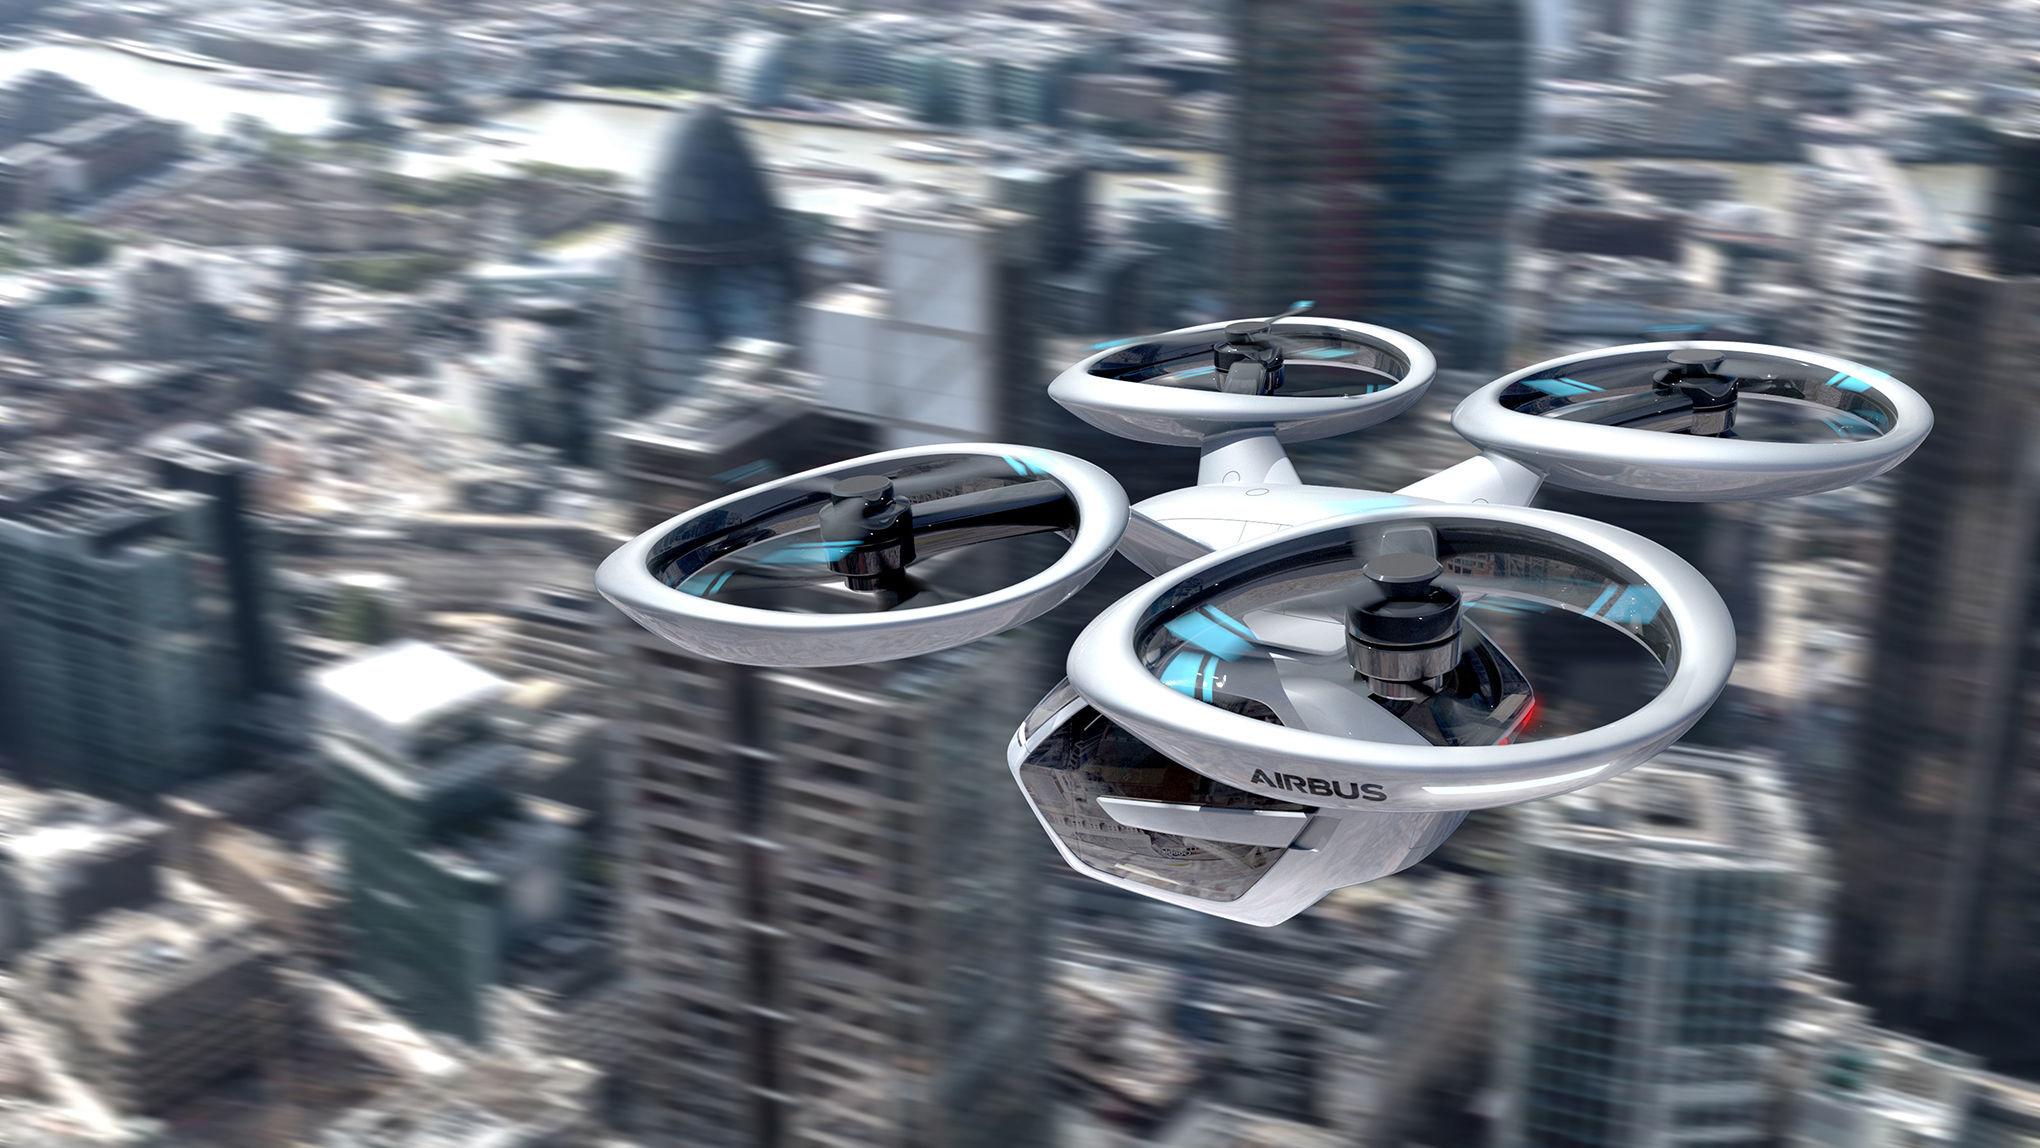 Drohne Flugtaxi BearingPoint Studie Skepsis Italdesign